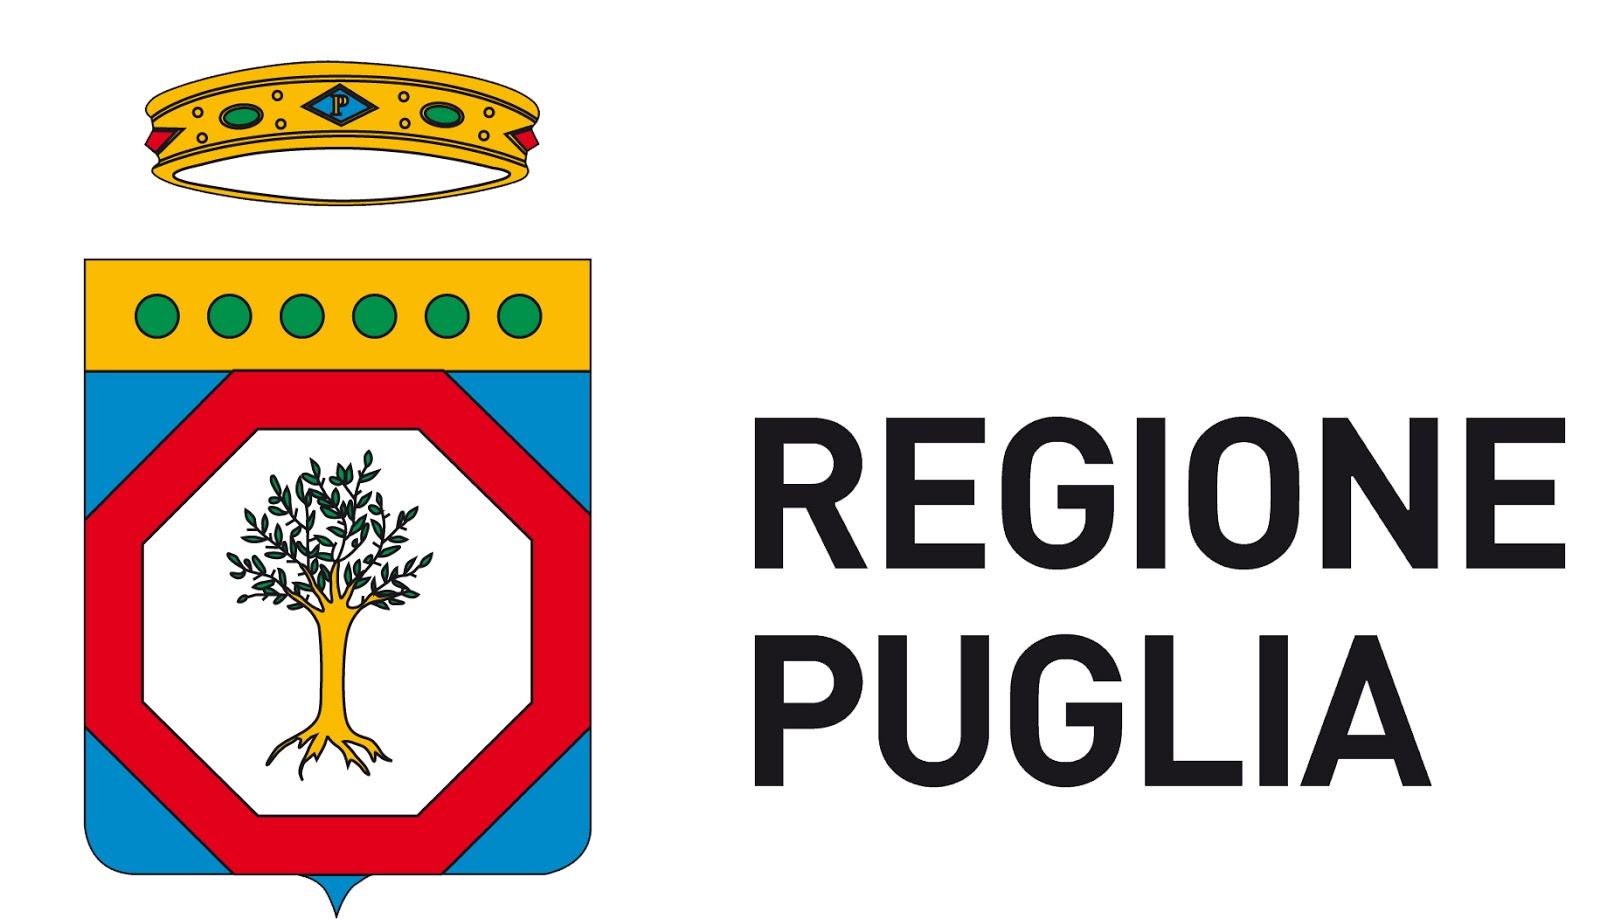 regione-Puglia.jpg